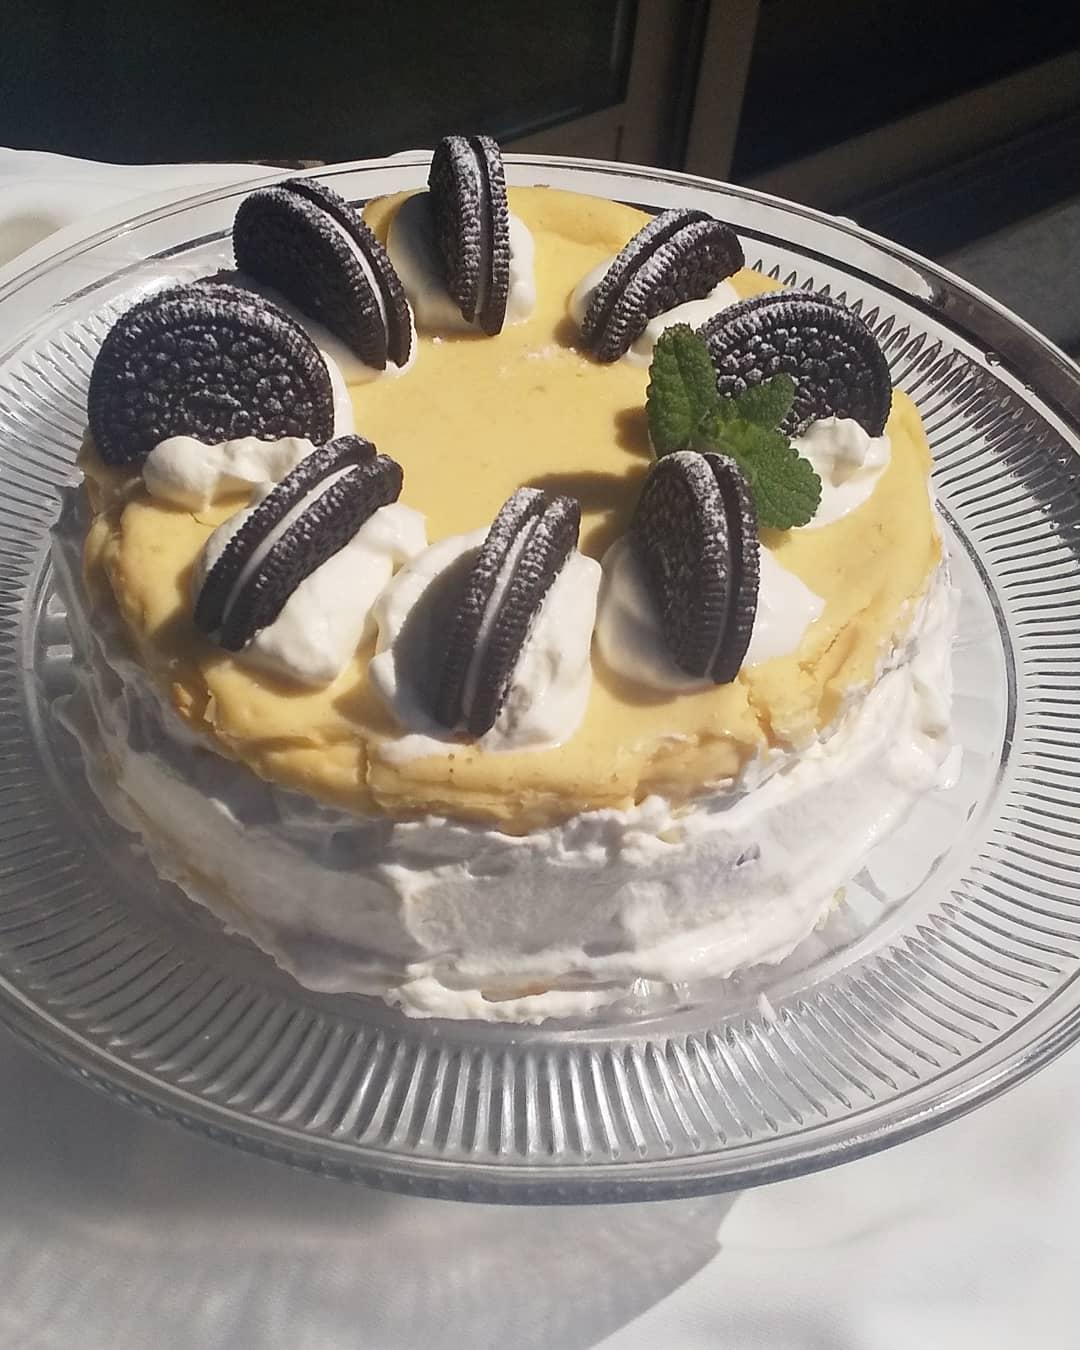 【人気店A WORKSのケーキが作れちゃう?】レシピ本で再現度高く!美味しく作っちゃおう!_3